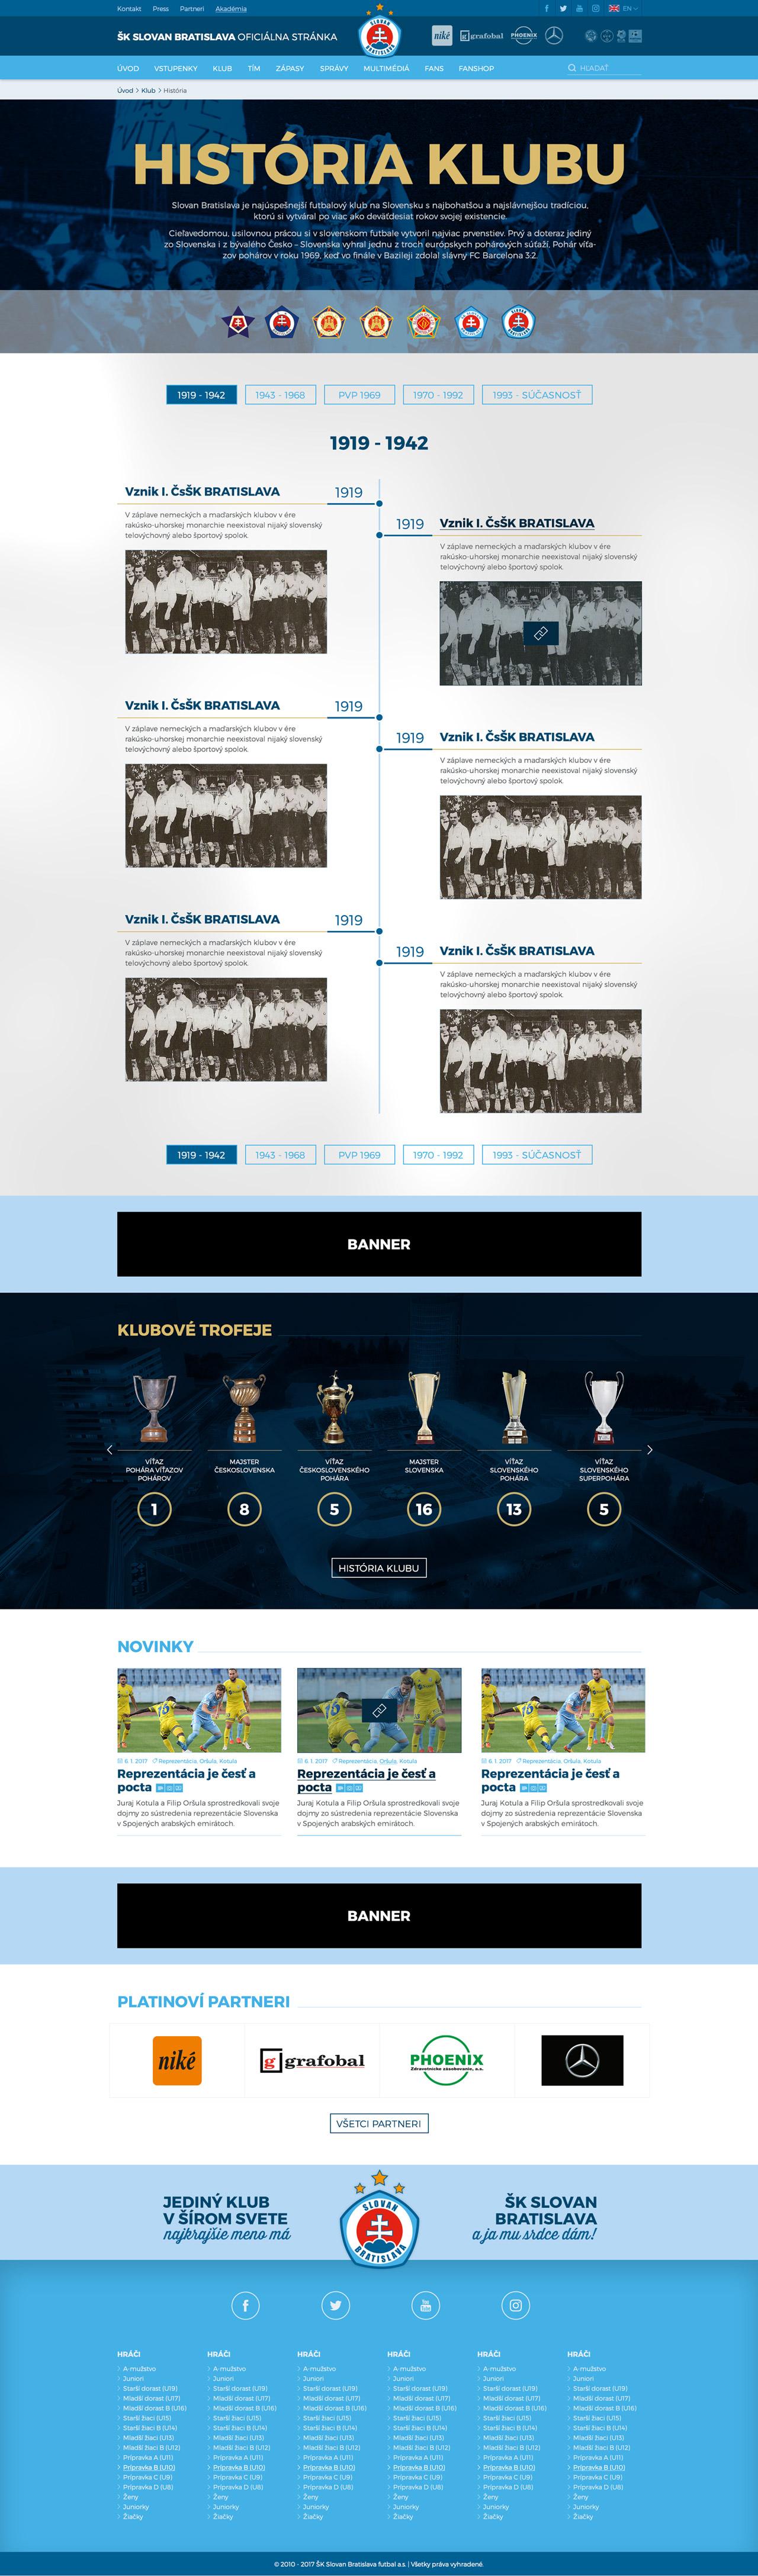 SKSLOVAN.com - história klubu